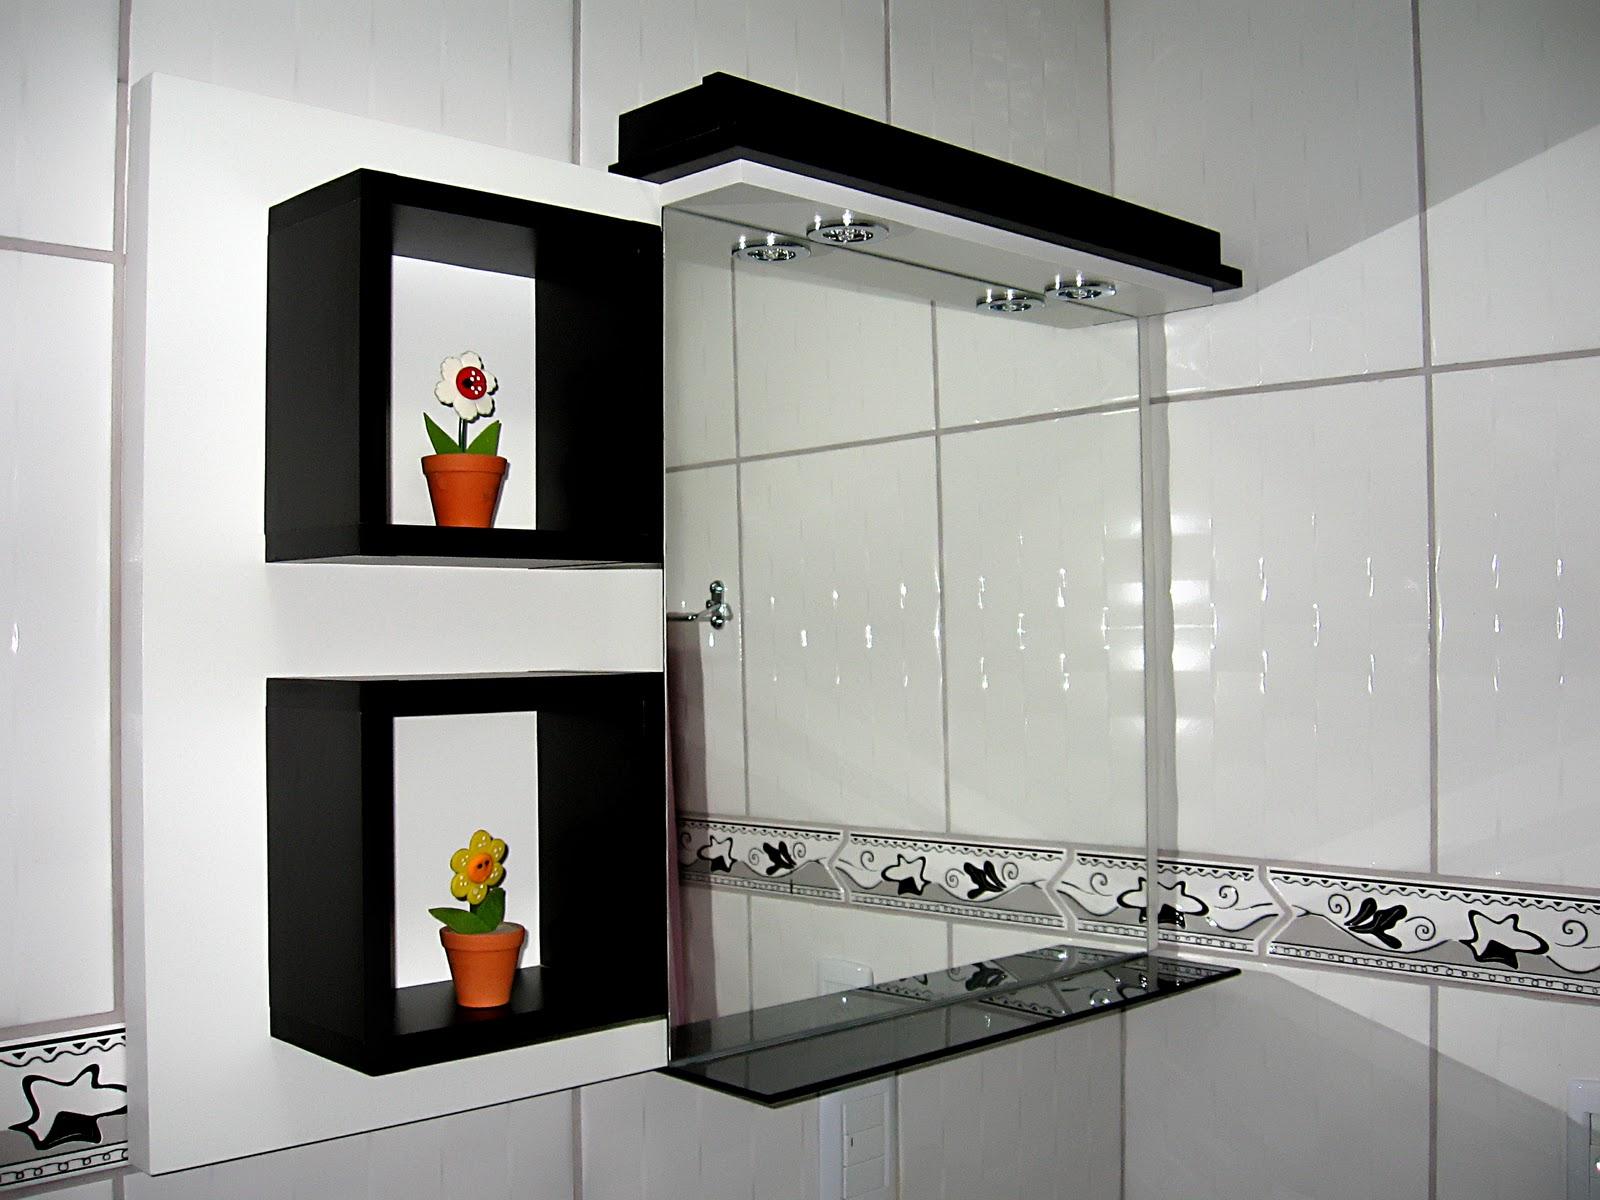 RÍMINI Ambientes Tendências Mundiais : Banheiro em preto e branco #B74210 1600 1200